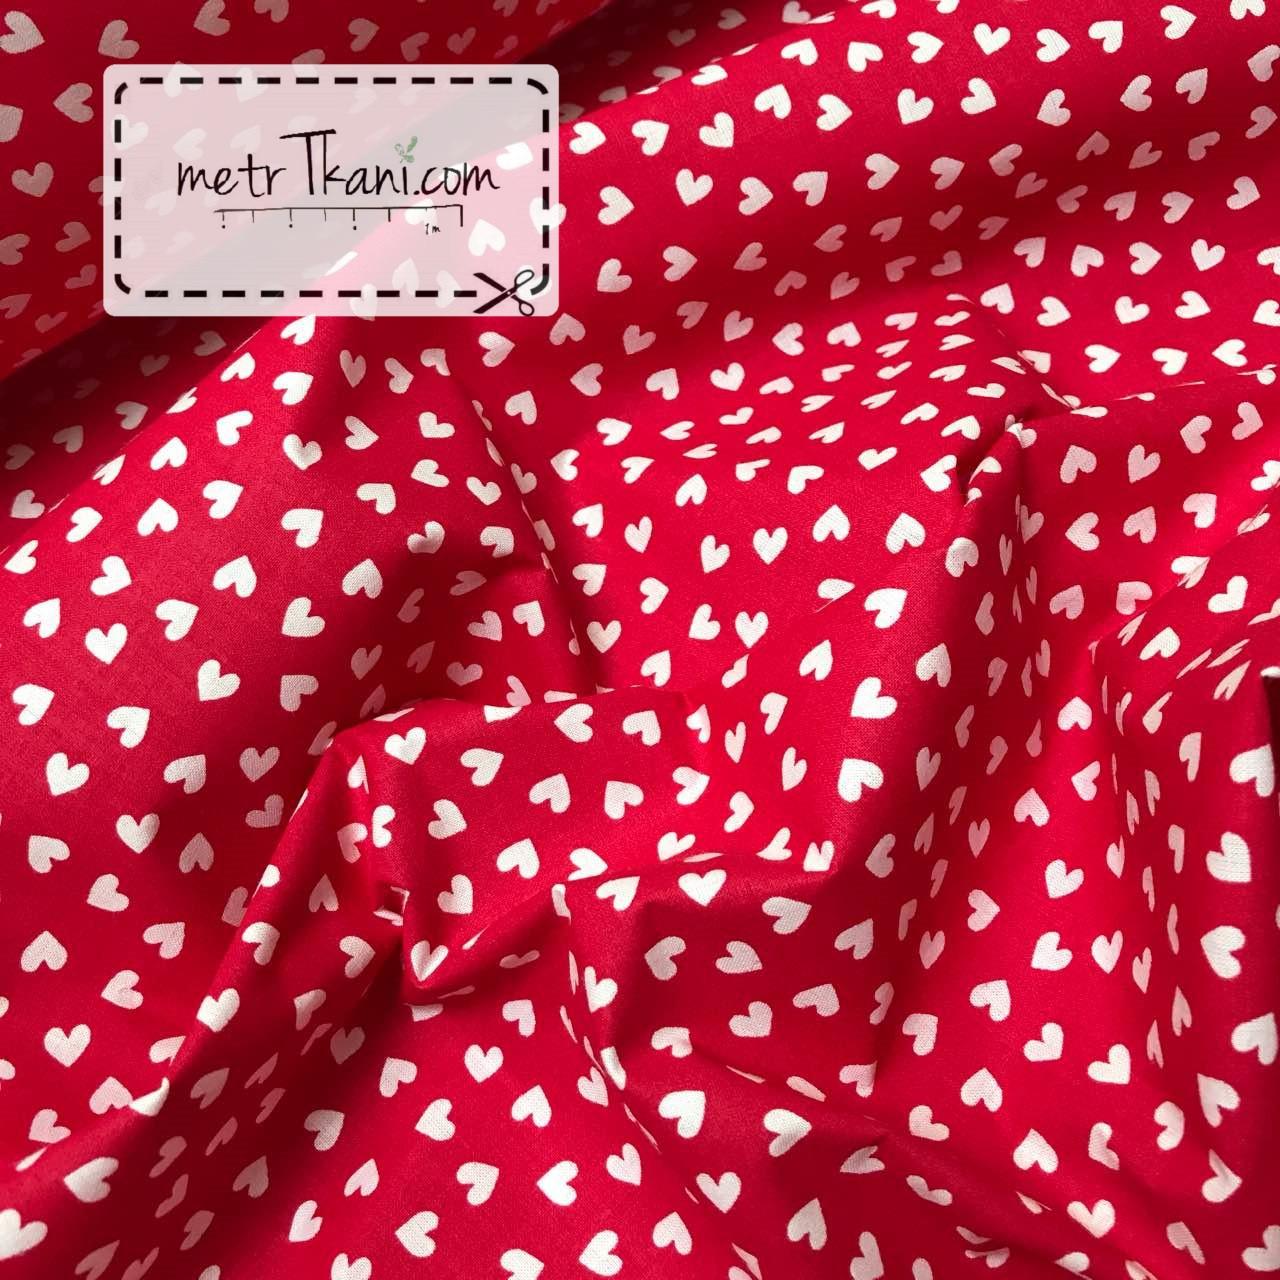 Хлопковая ткань, мини сердца белые на красном №873